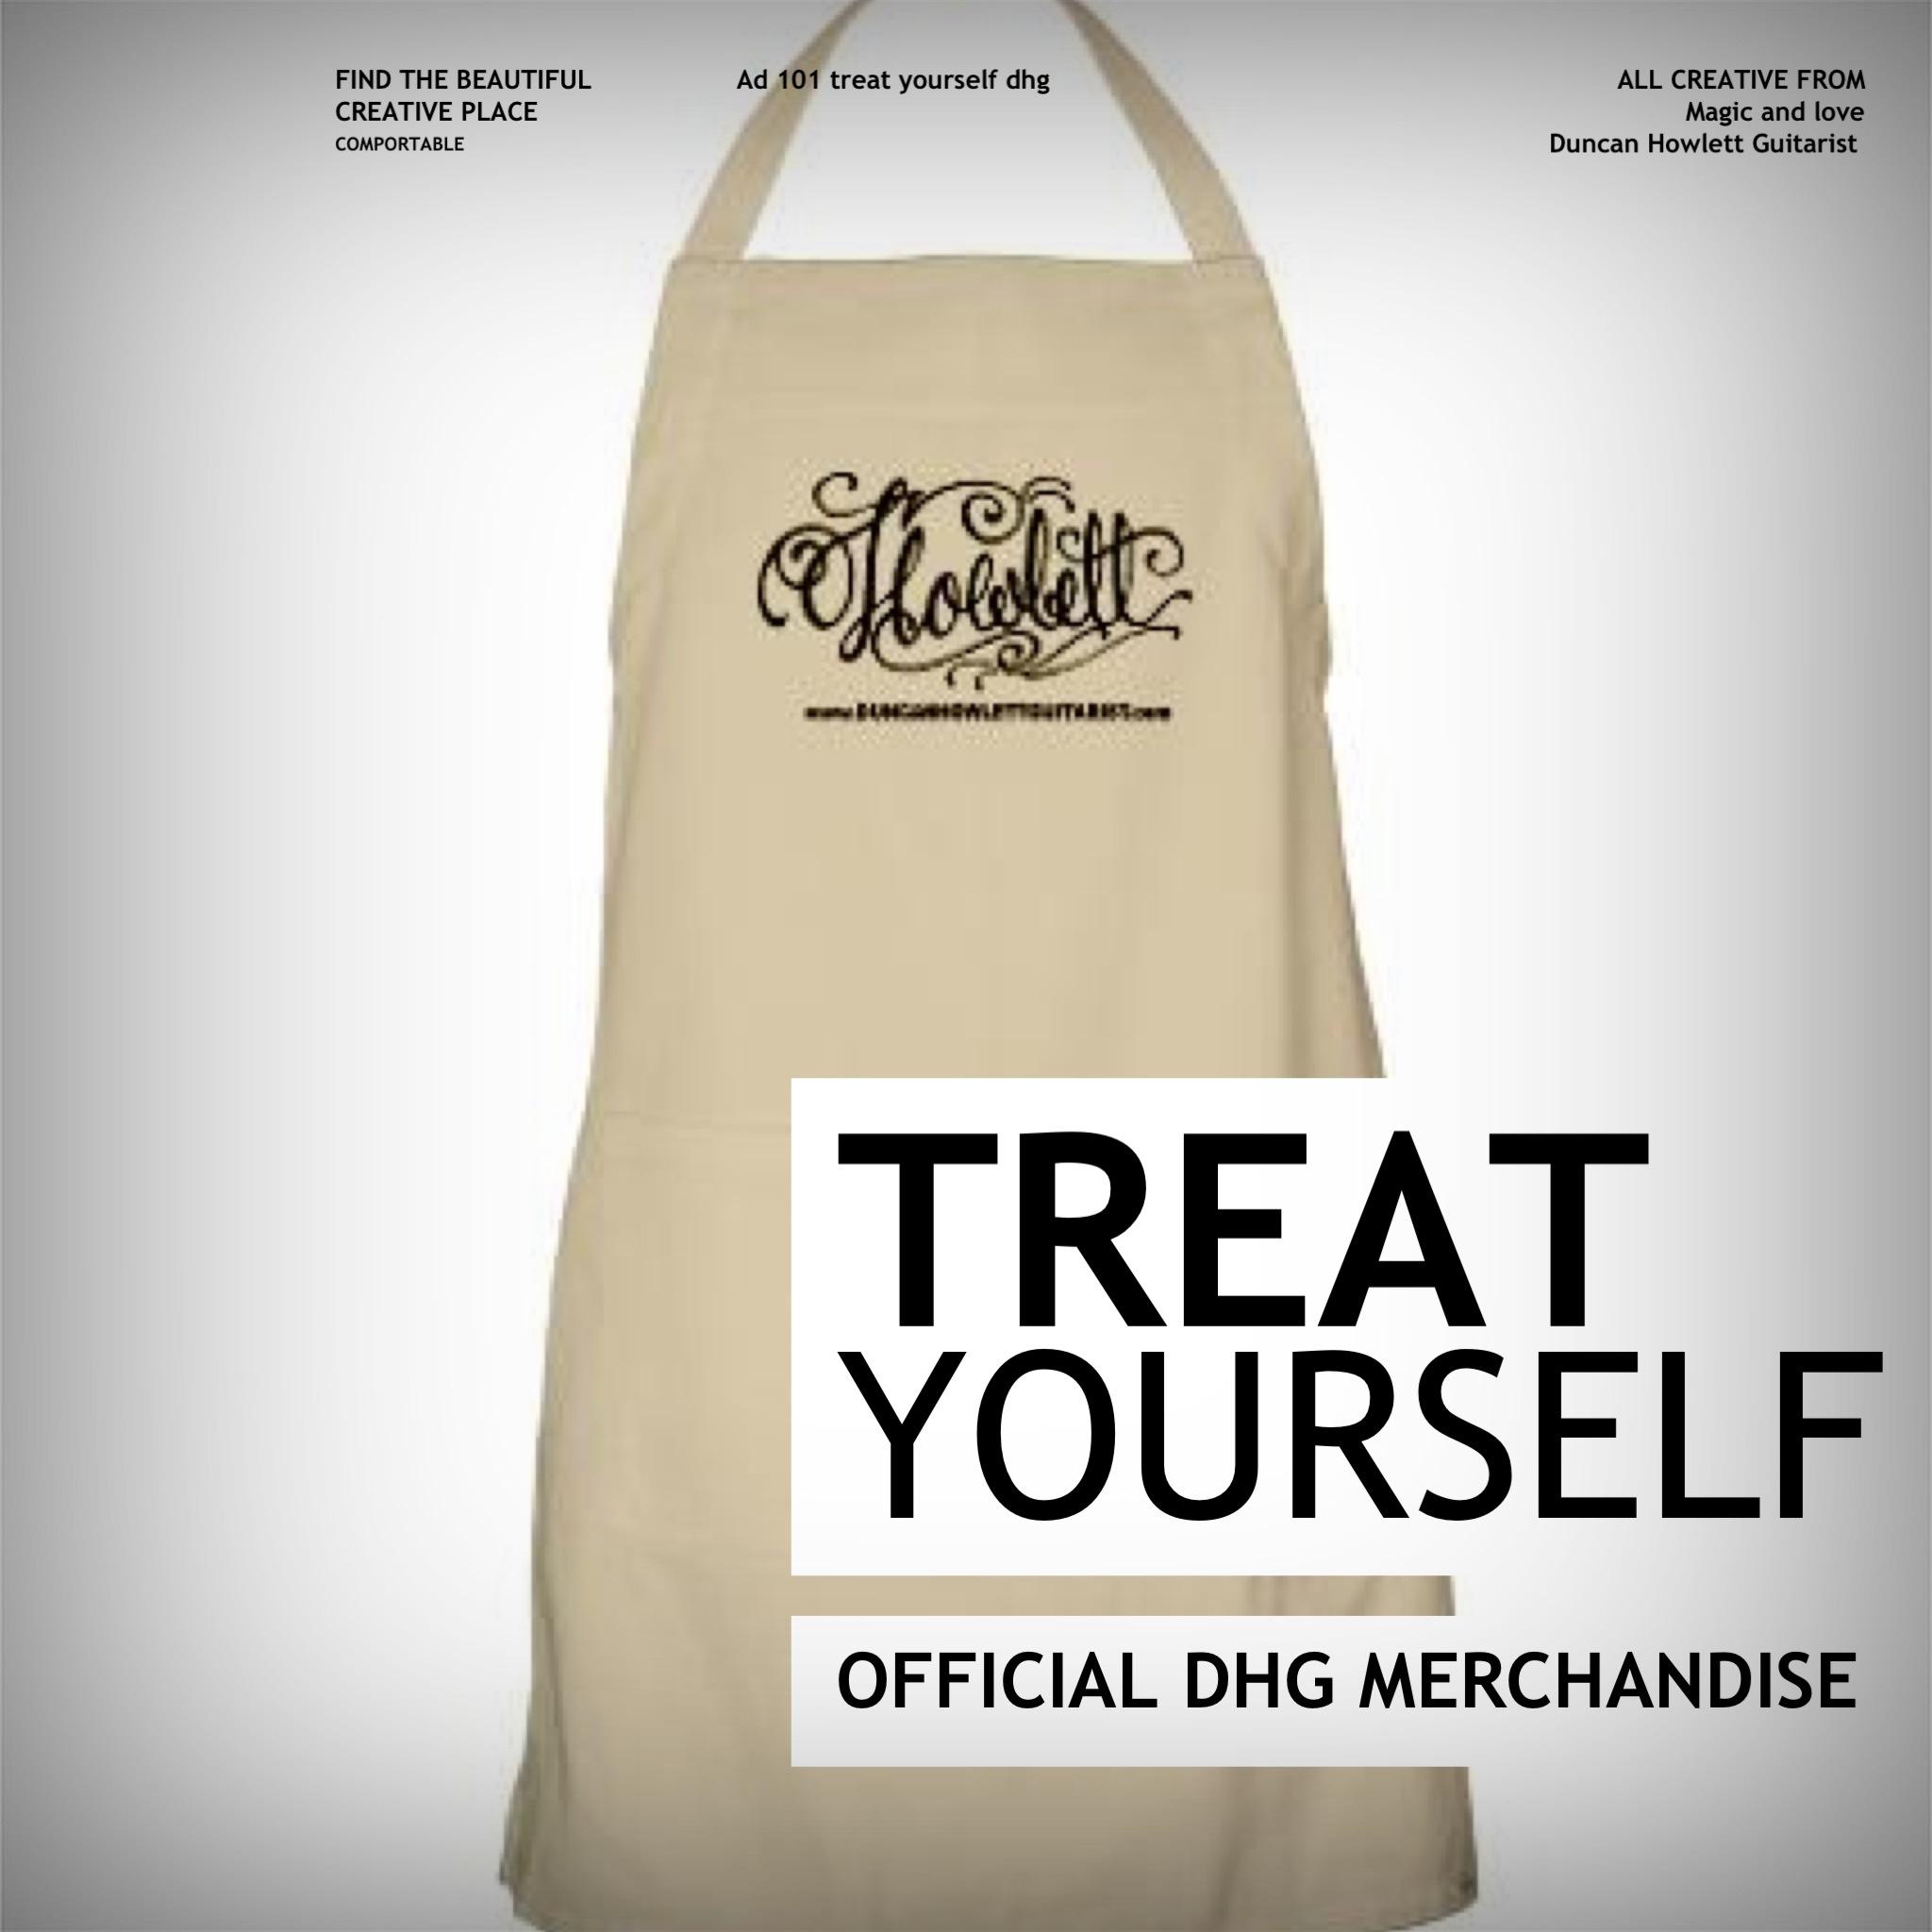 DHG Merchandise 5